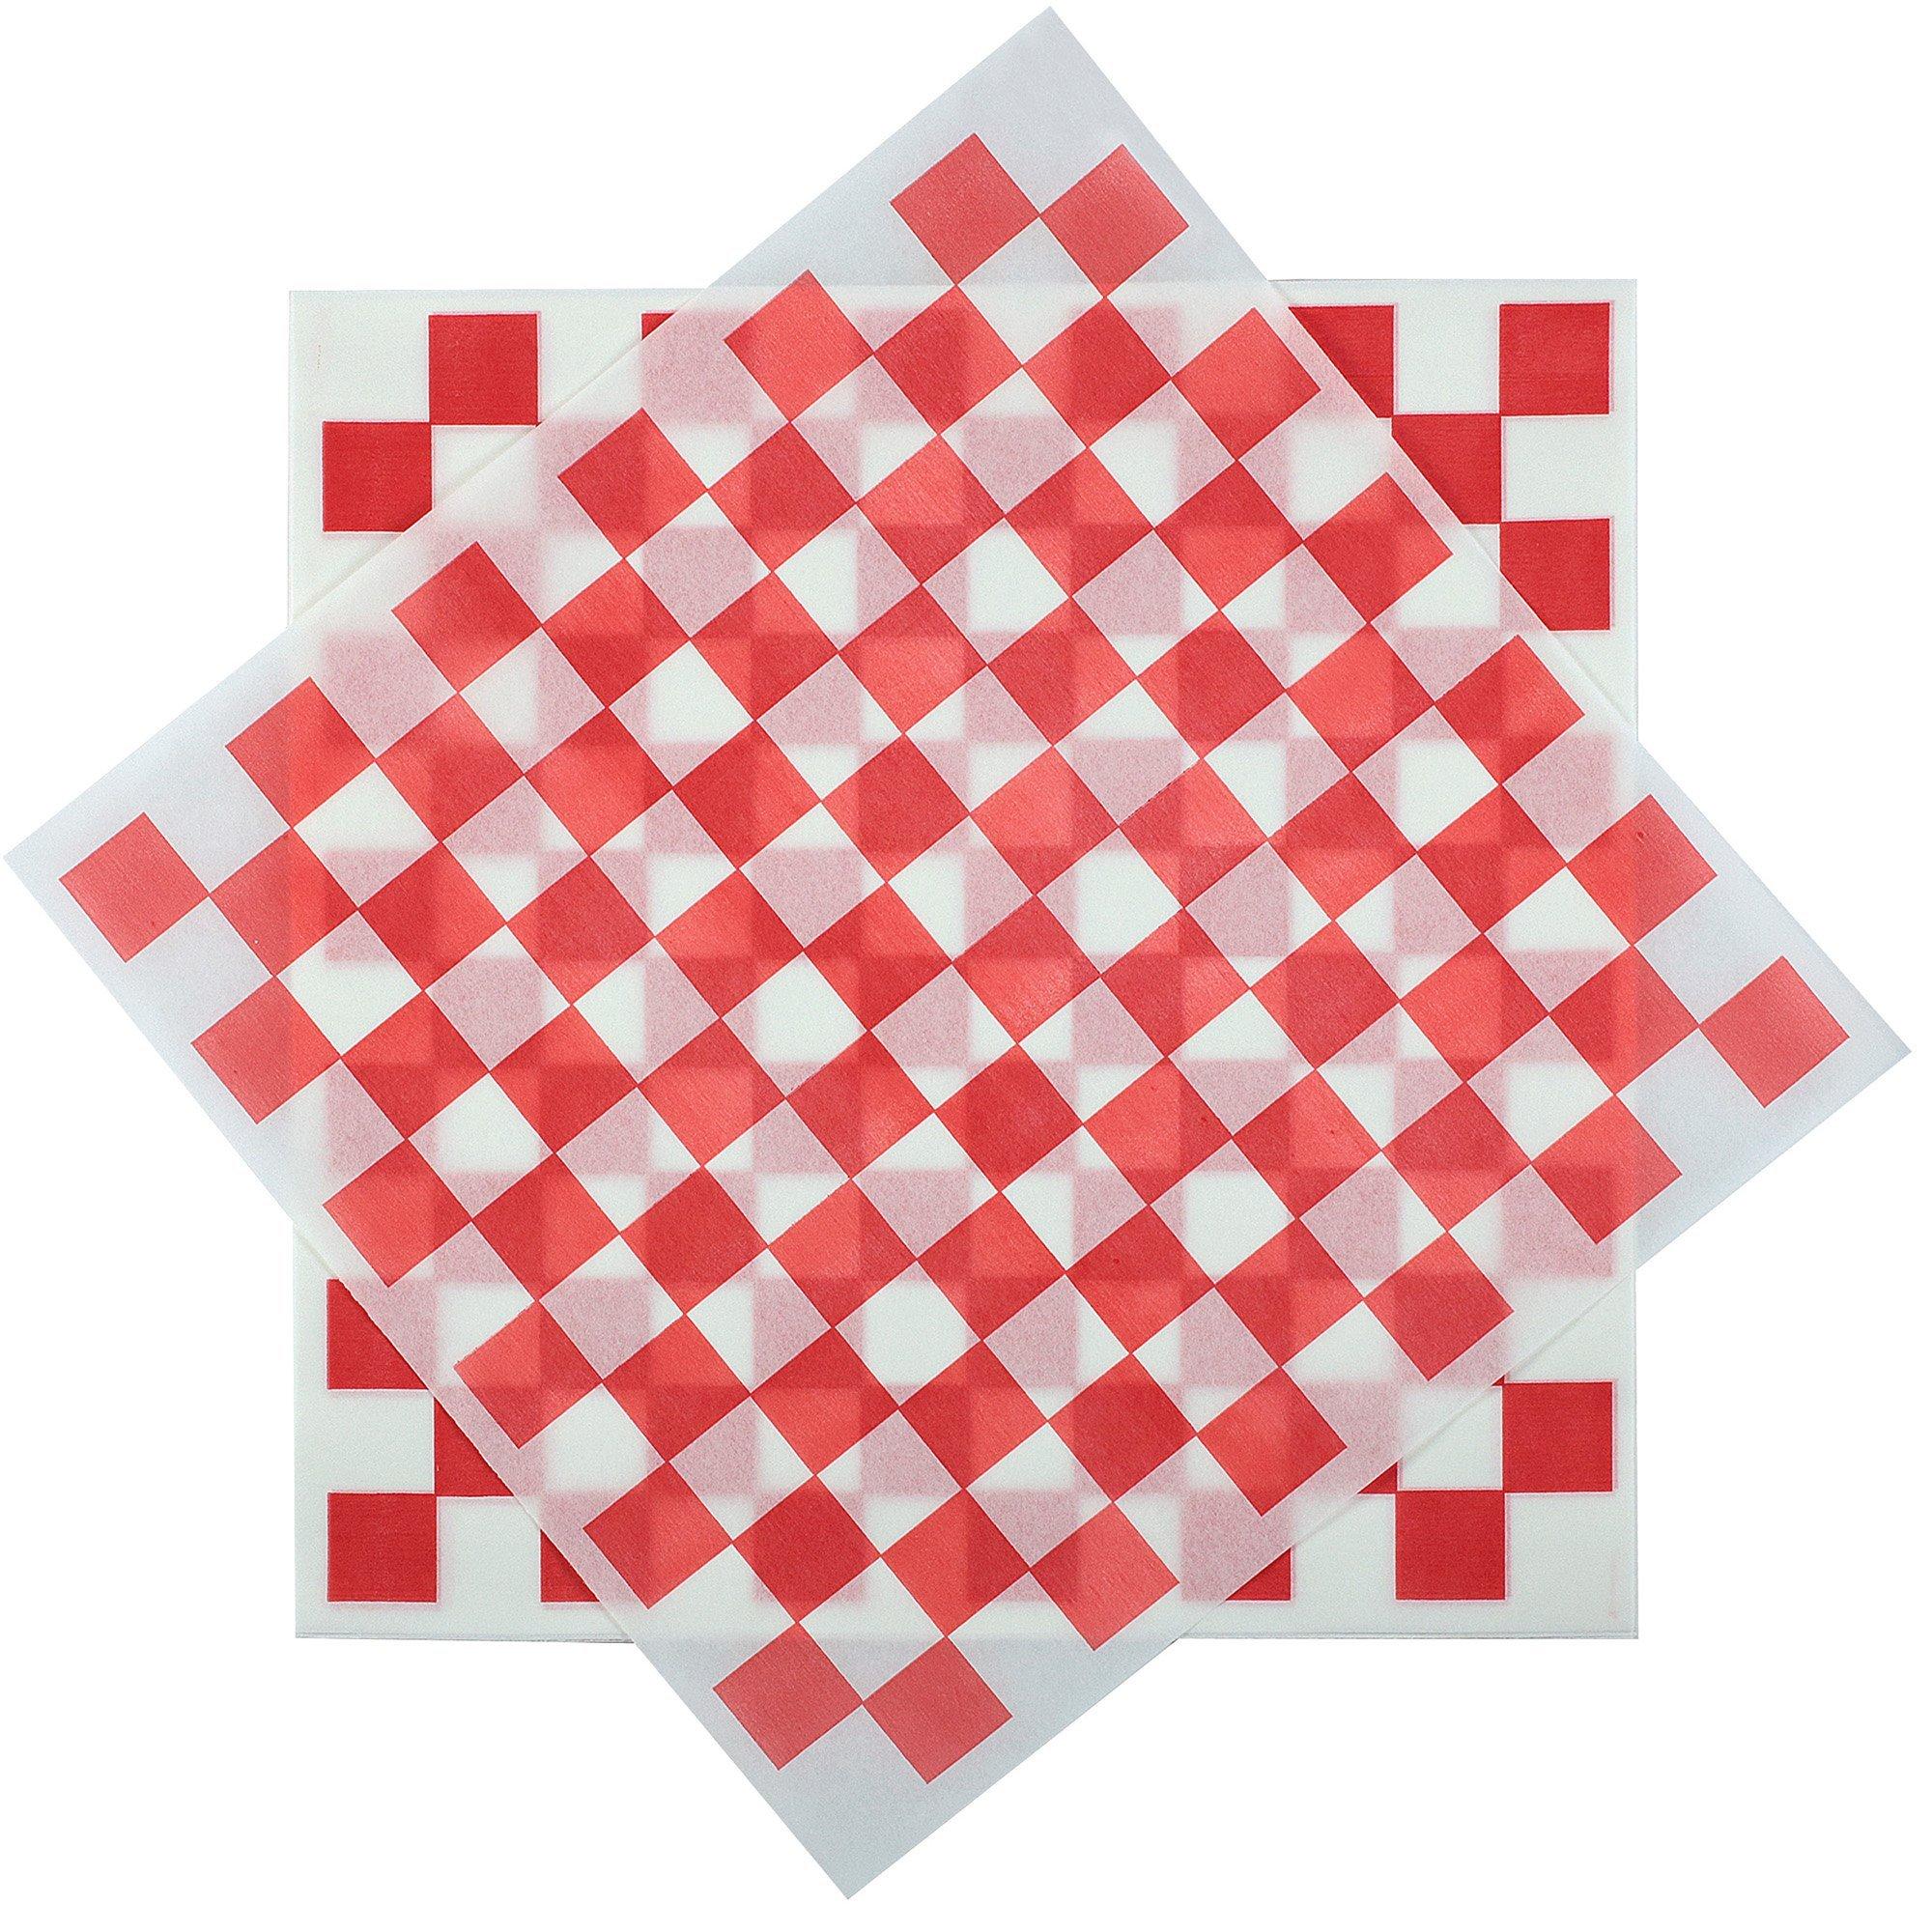 Deli Squares - Wax Paper Sheets